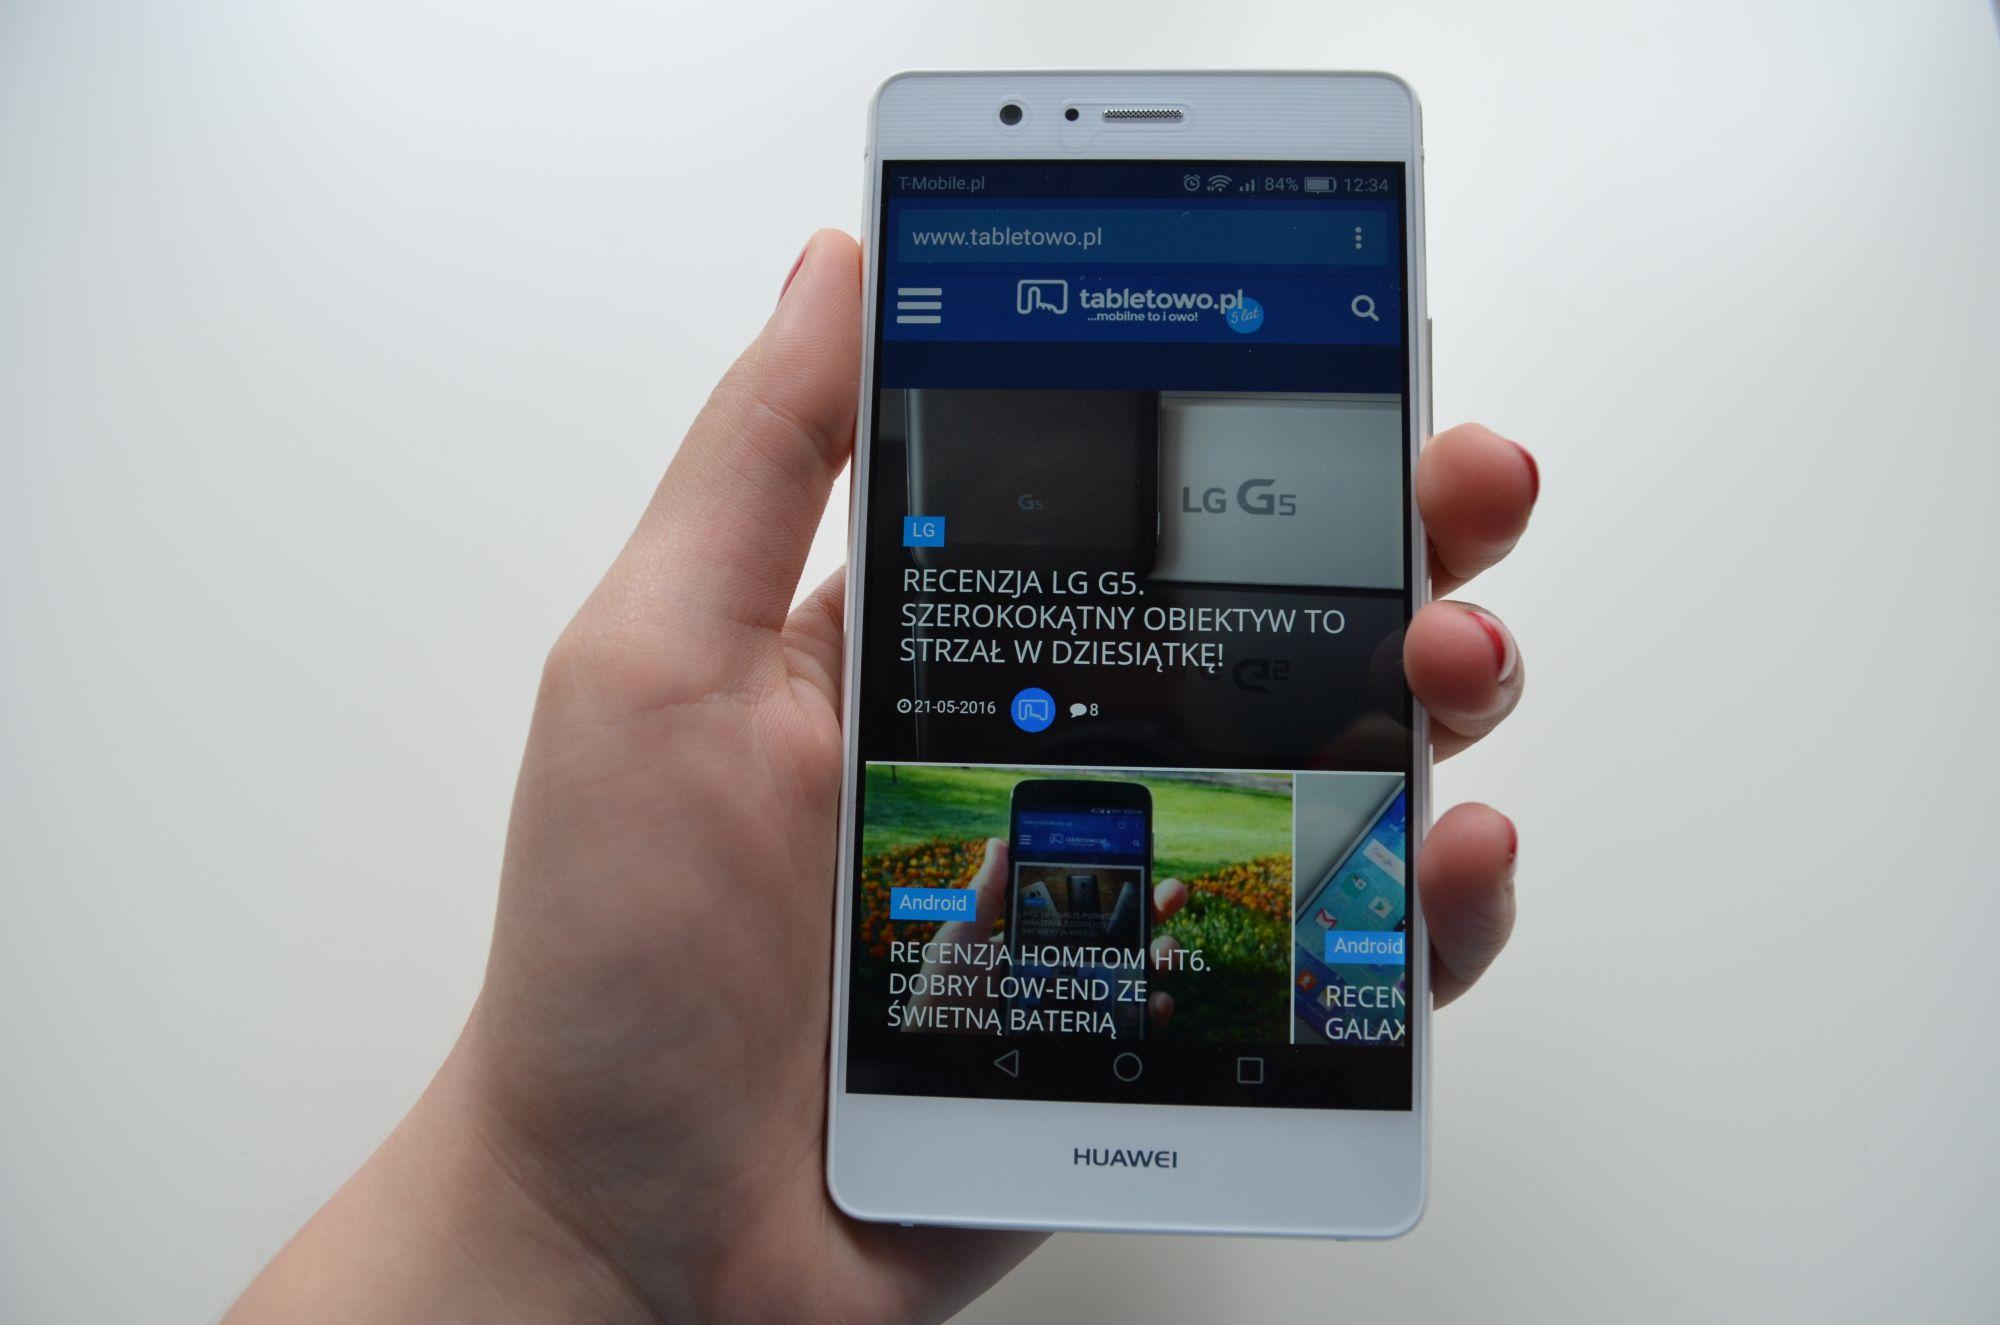 Tabletowo.pl 400% wzrostu sprzedaży smartfonów Huawei w Polsce Ciekawostki Huawei Nowości Smartfony